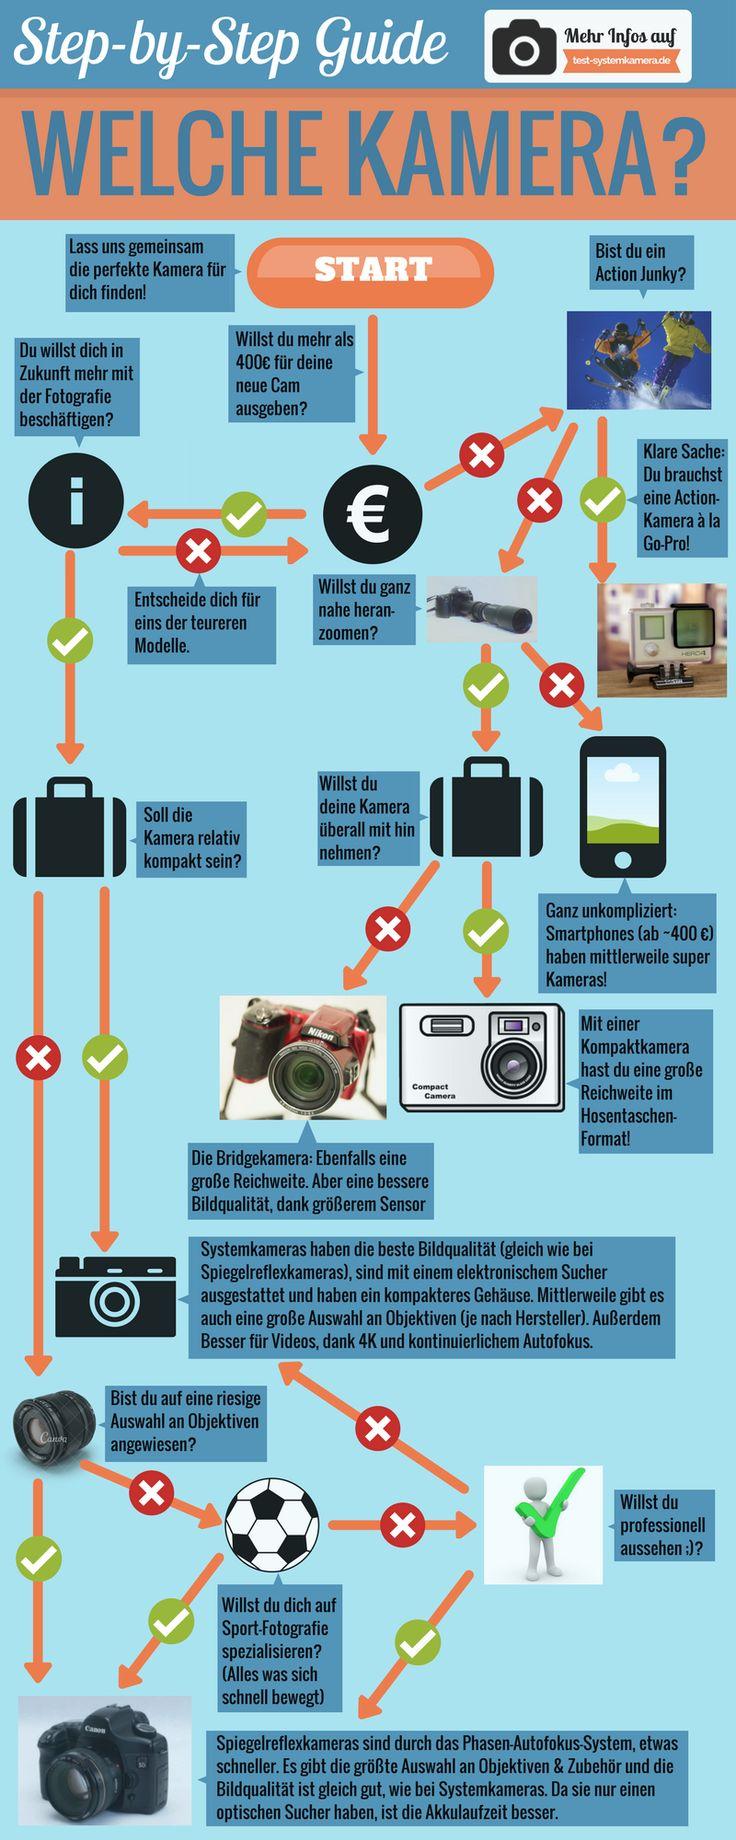 Spiegelreflexkamera? Kompaktkamera? Systemkamera? ... Welcher Kamera-Typ ist der richtige für dich? Mit diesem simplen Step-by-Step Guide findest du den perfekten Kamera-Typ für dich! Mehr Informationen auf http://test-systemkamera.de/welche-kamera/